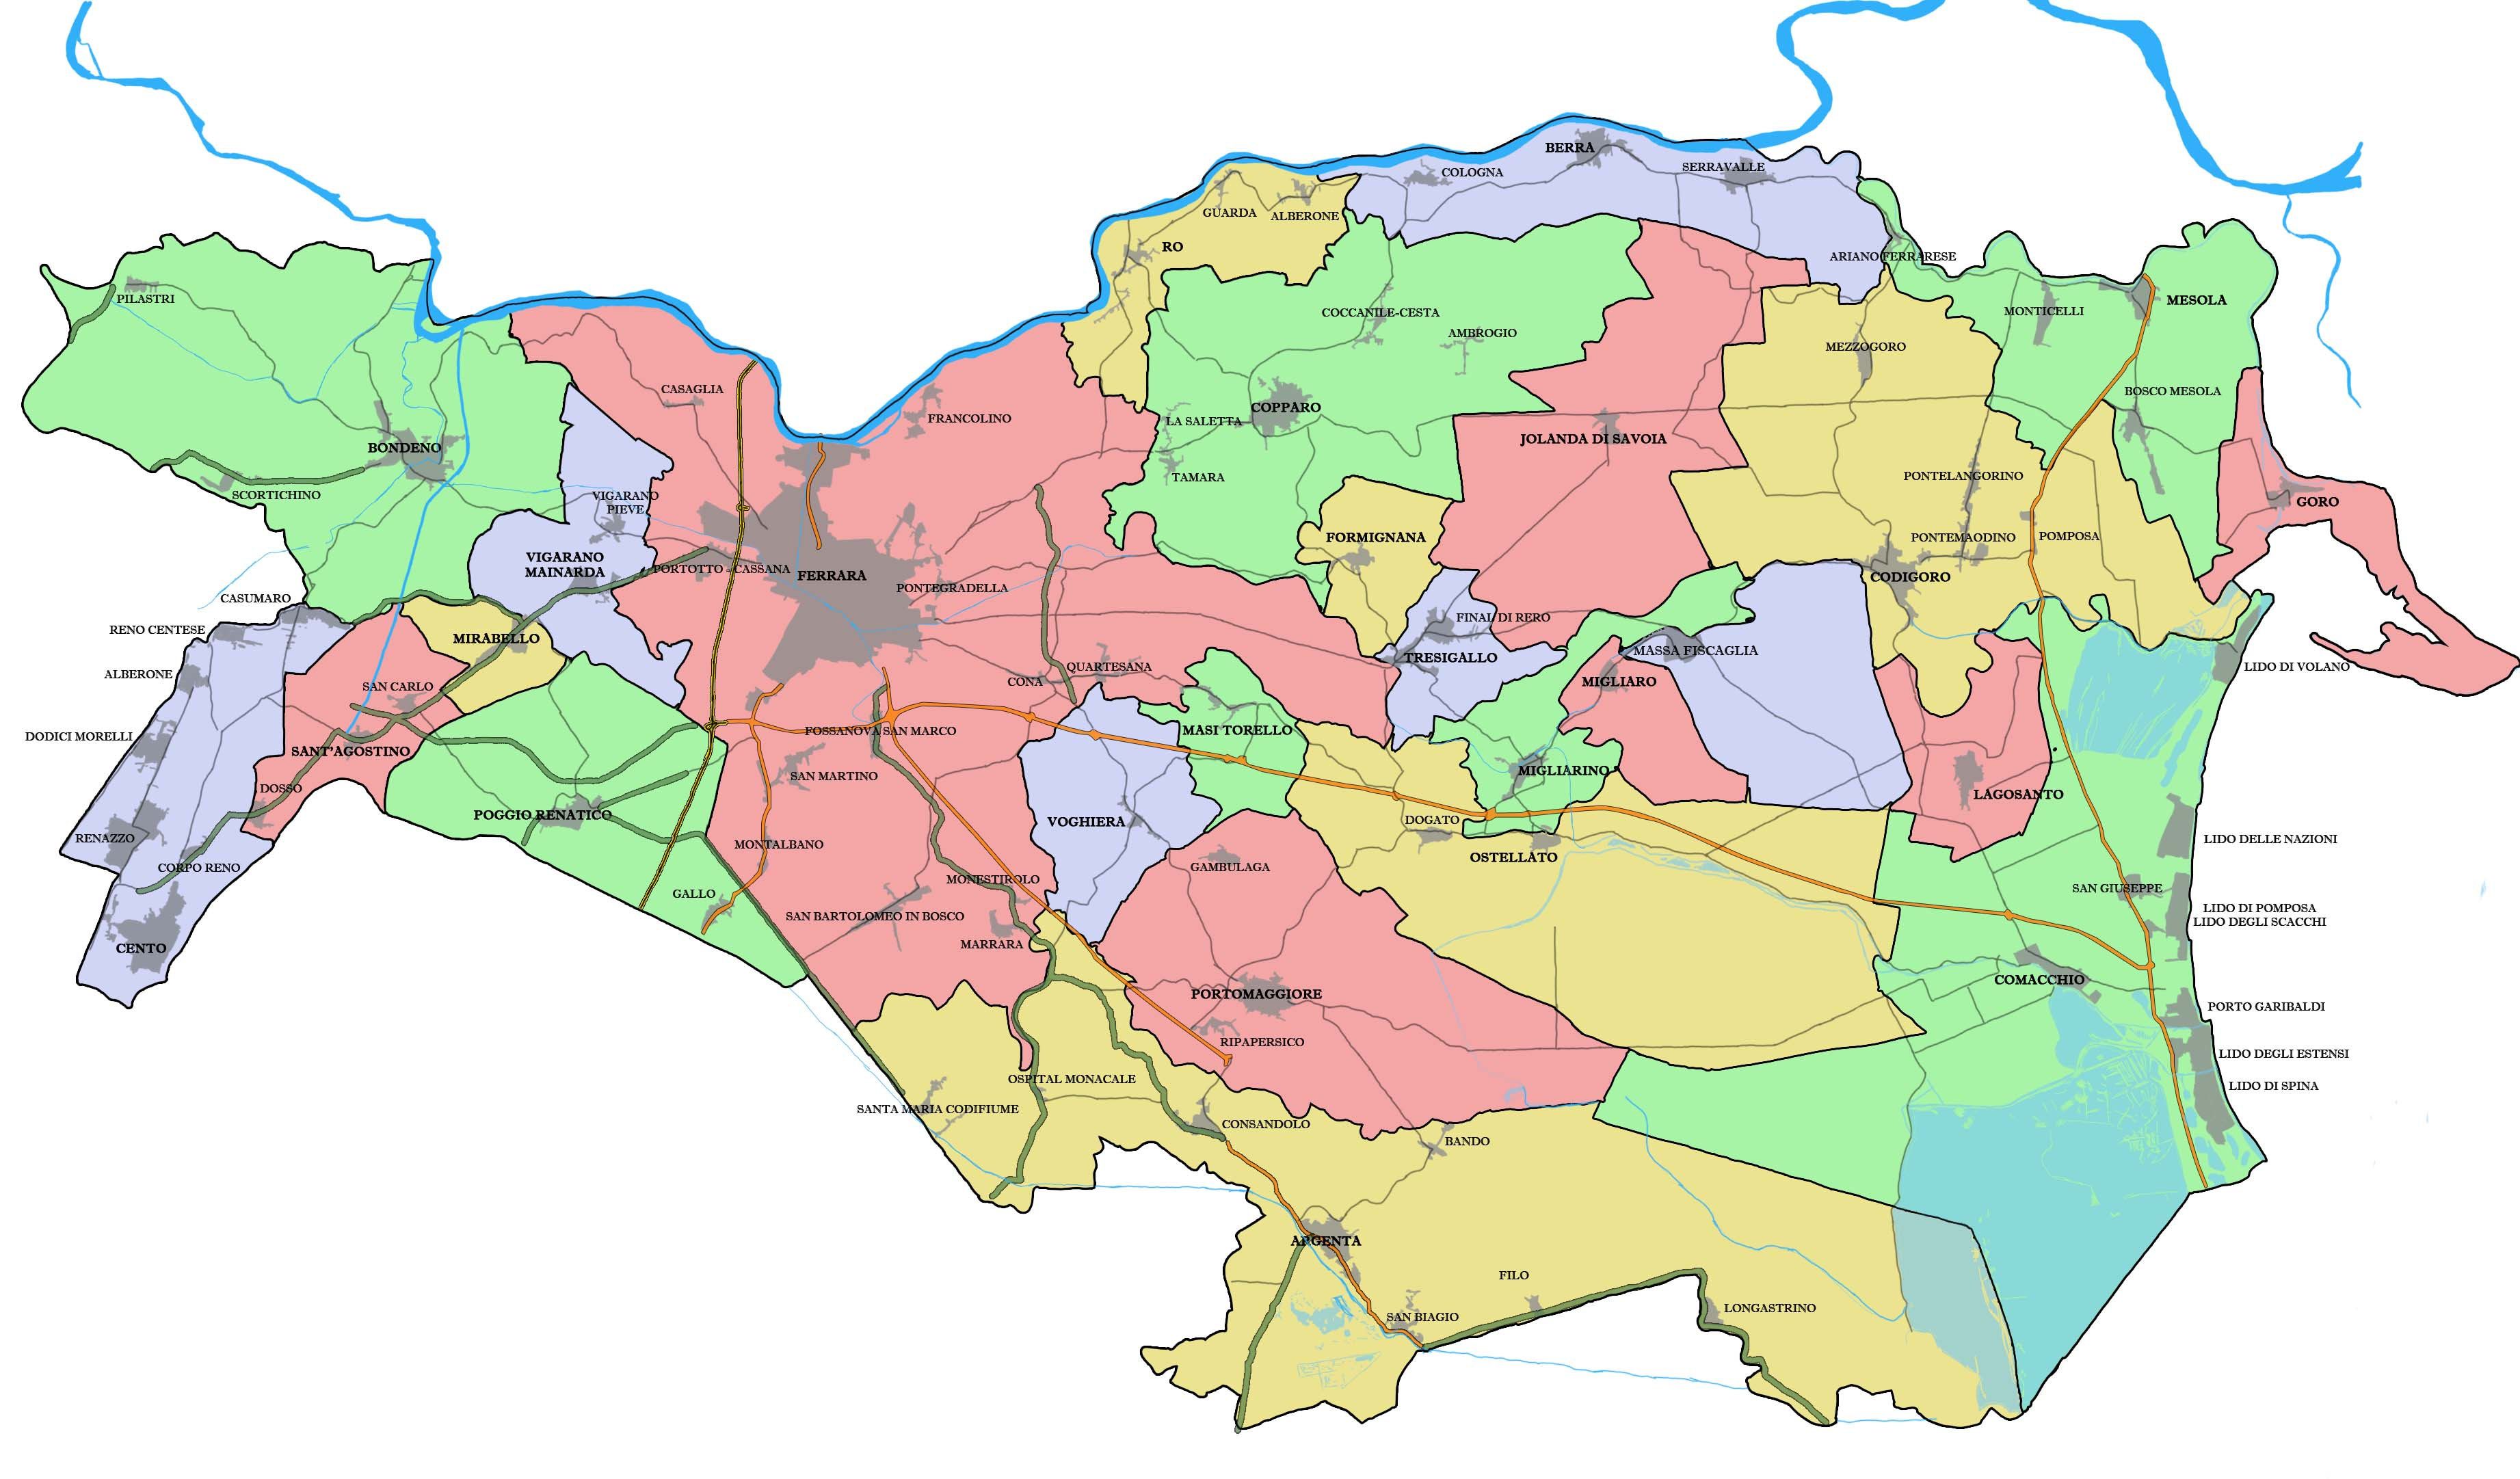 FerraraLavoro - Offerte di lavoro nella provincia di Ferrara